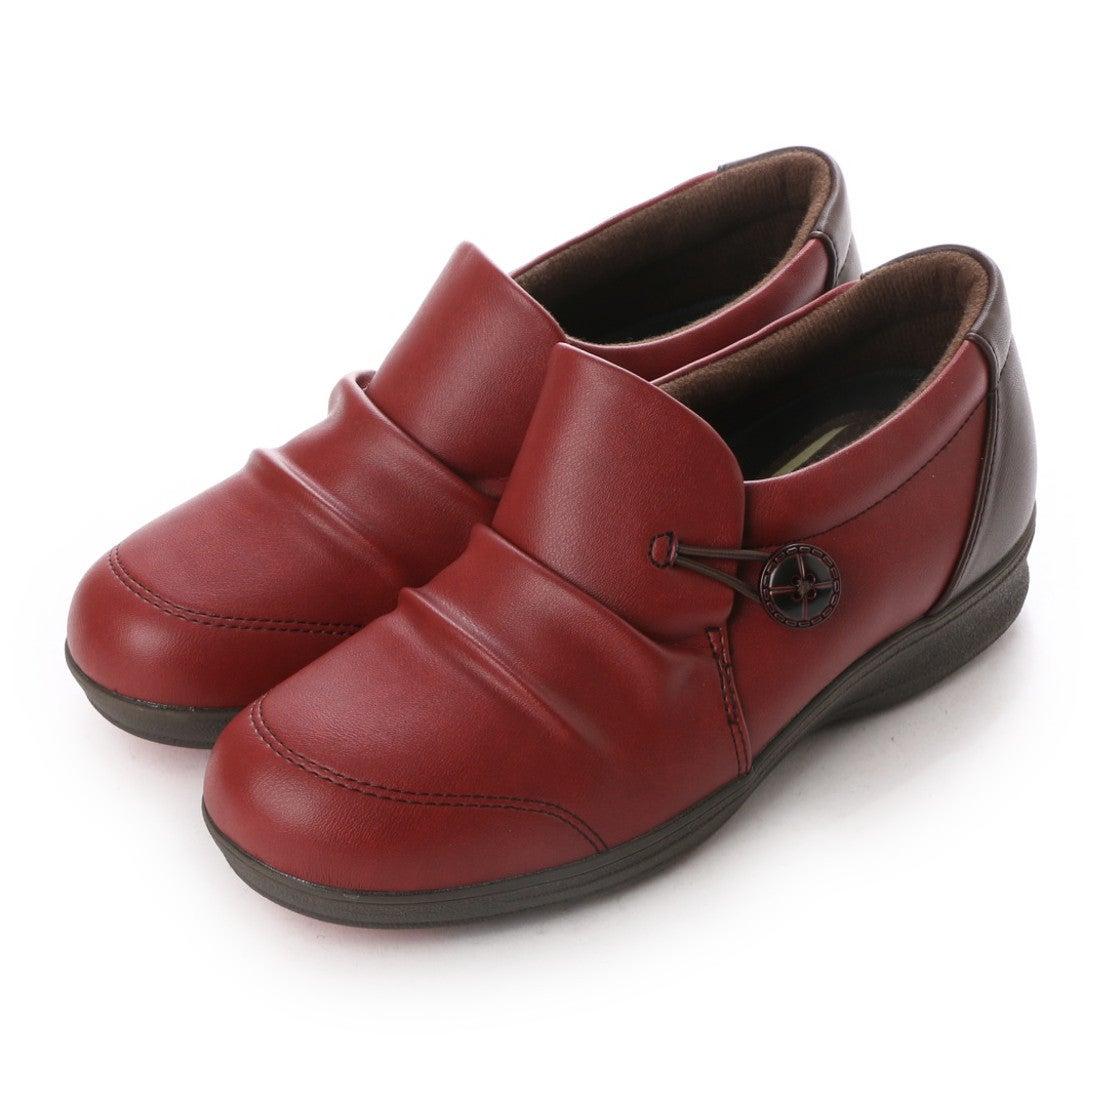 e6ba890fc4865 ムーンスターイブ MOONSTAR EVE レディース 短靴 WPL042 5083 ミフト mift -靴&ファッション通販 ロコンド 〜自宅で試着、気軽に返品